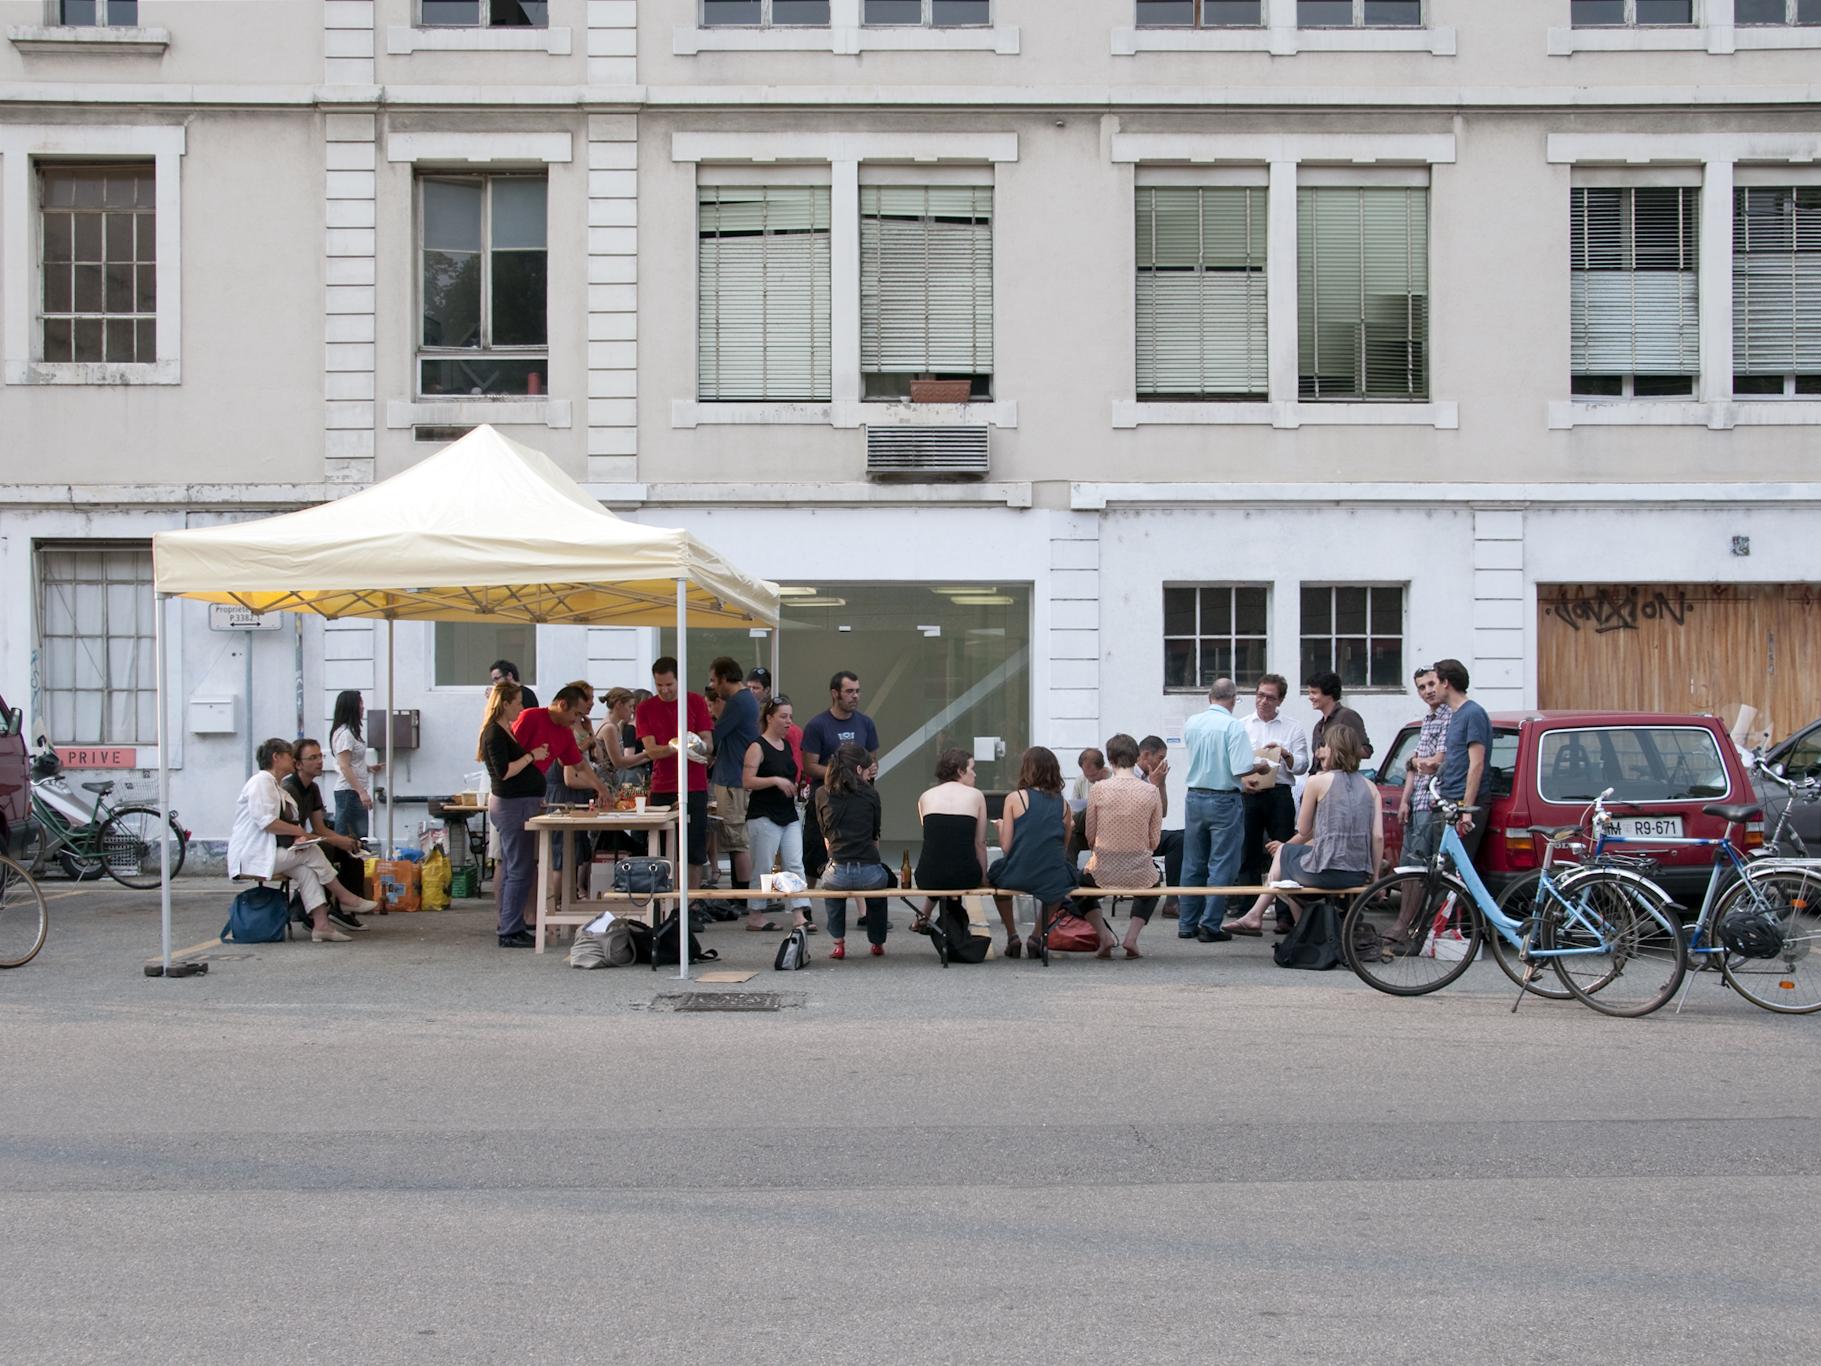 Benoit-Delaunay-artiste-installations-2010-Une-Sculpture-21